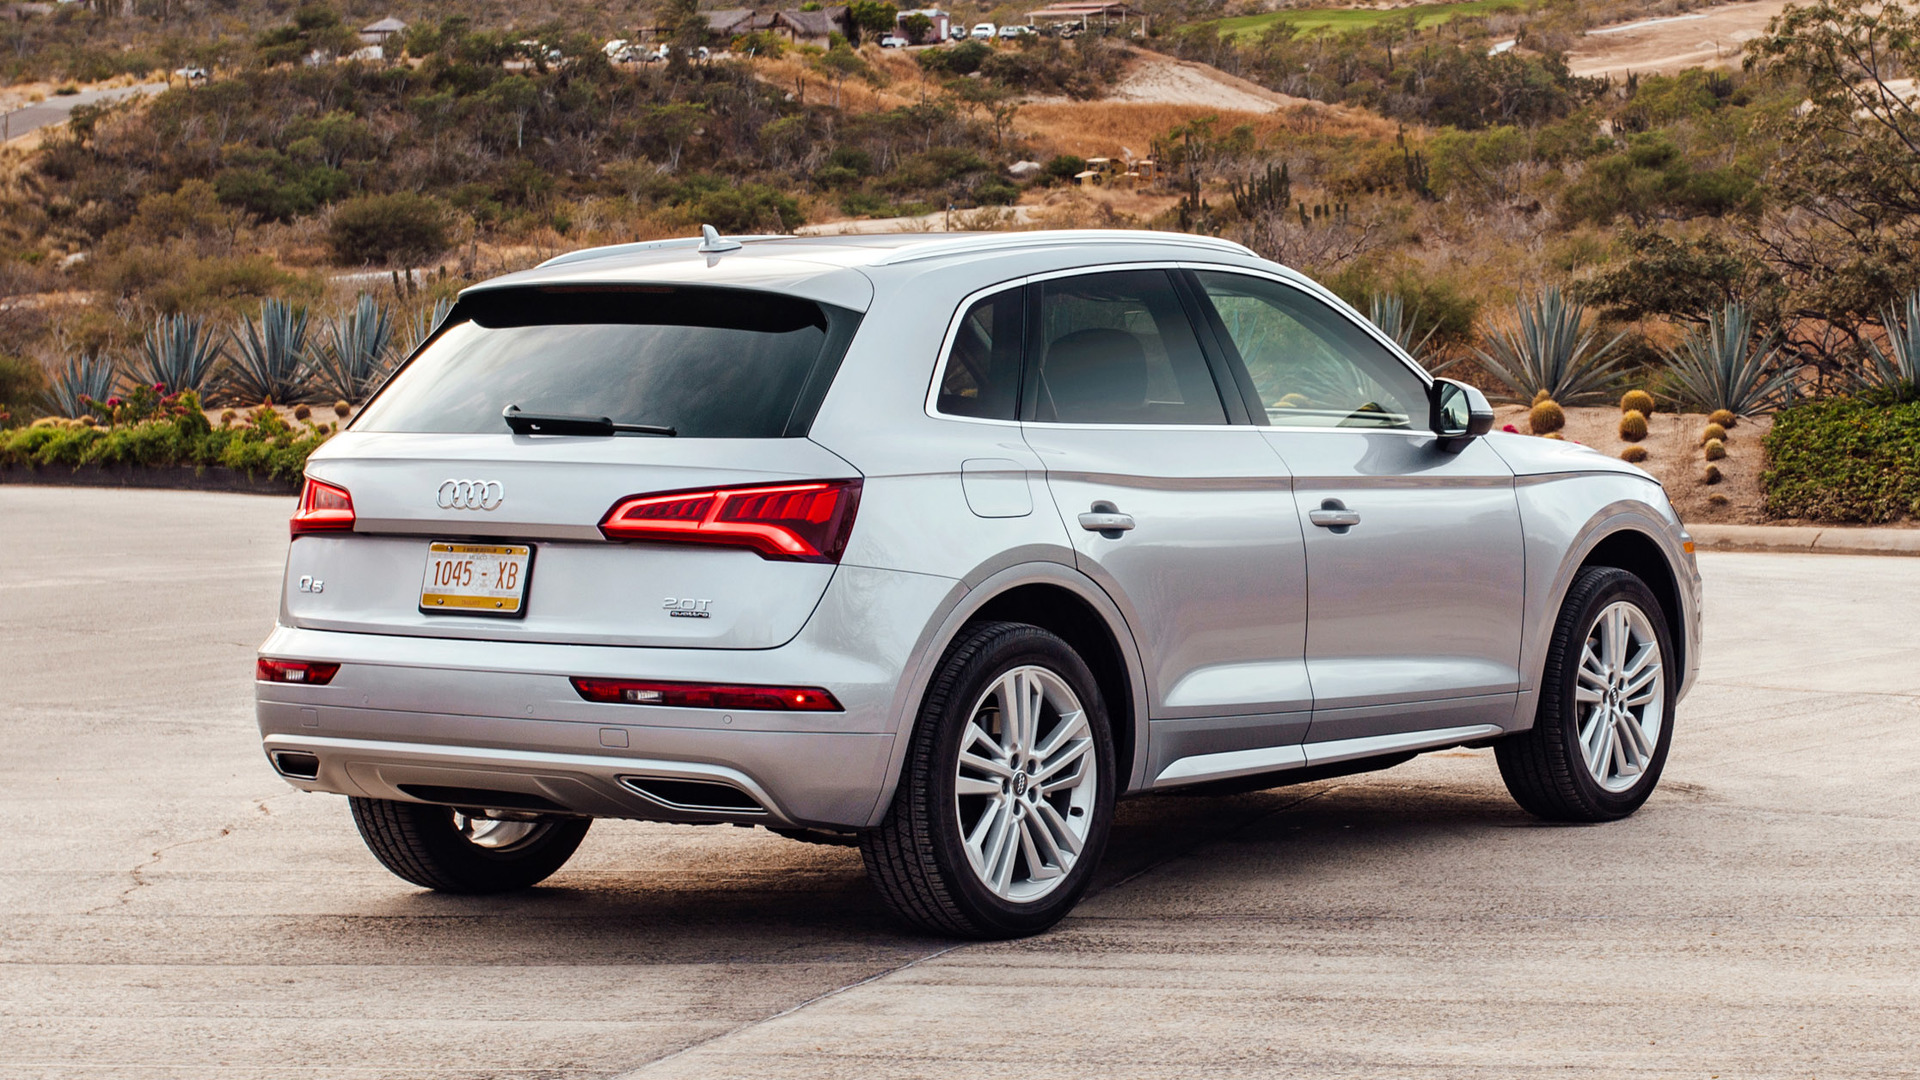 Kekurangan Audi Q5 2018 Murah Berkualitas